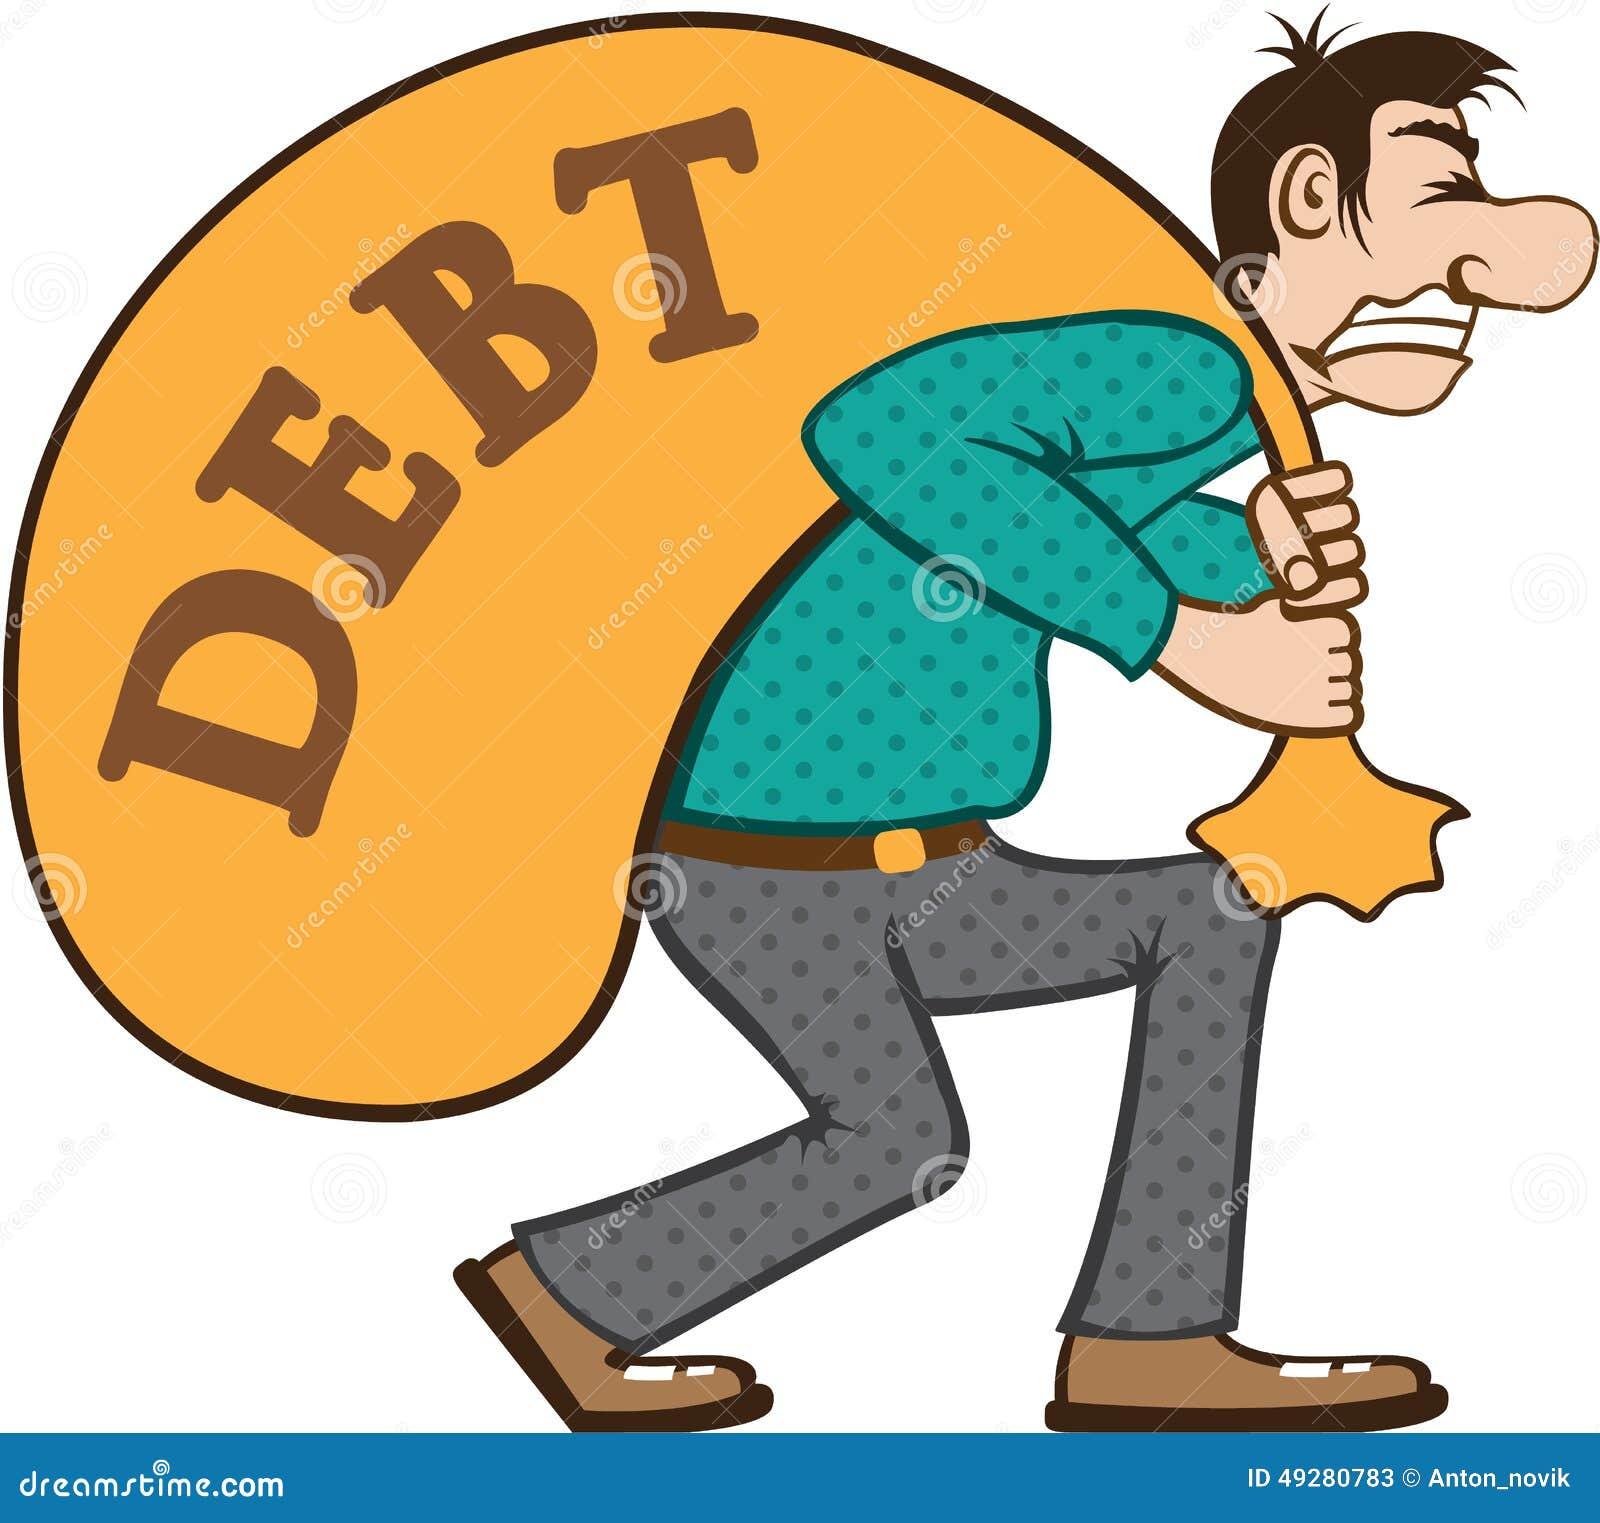 debt pressure load struggle stock vector illustration of bill rh dreamstime com eps clip art + for sale eps clip art free download